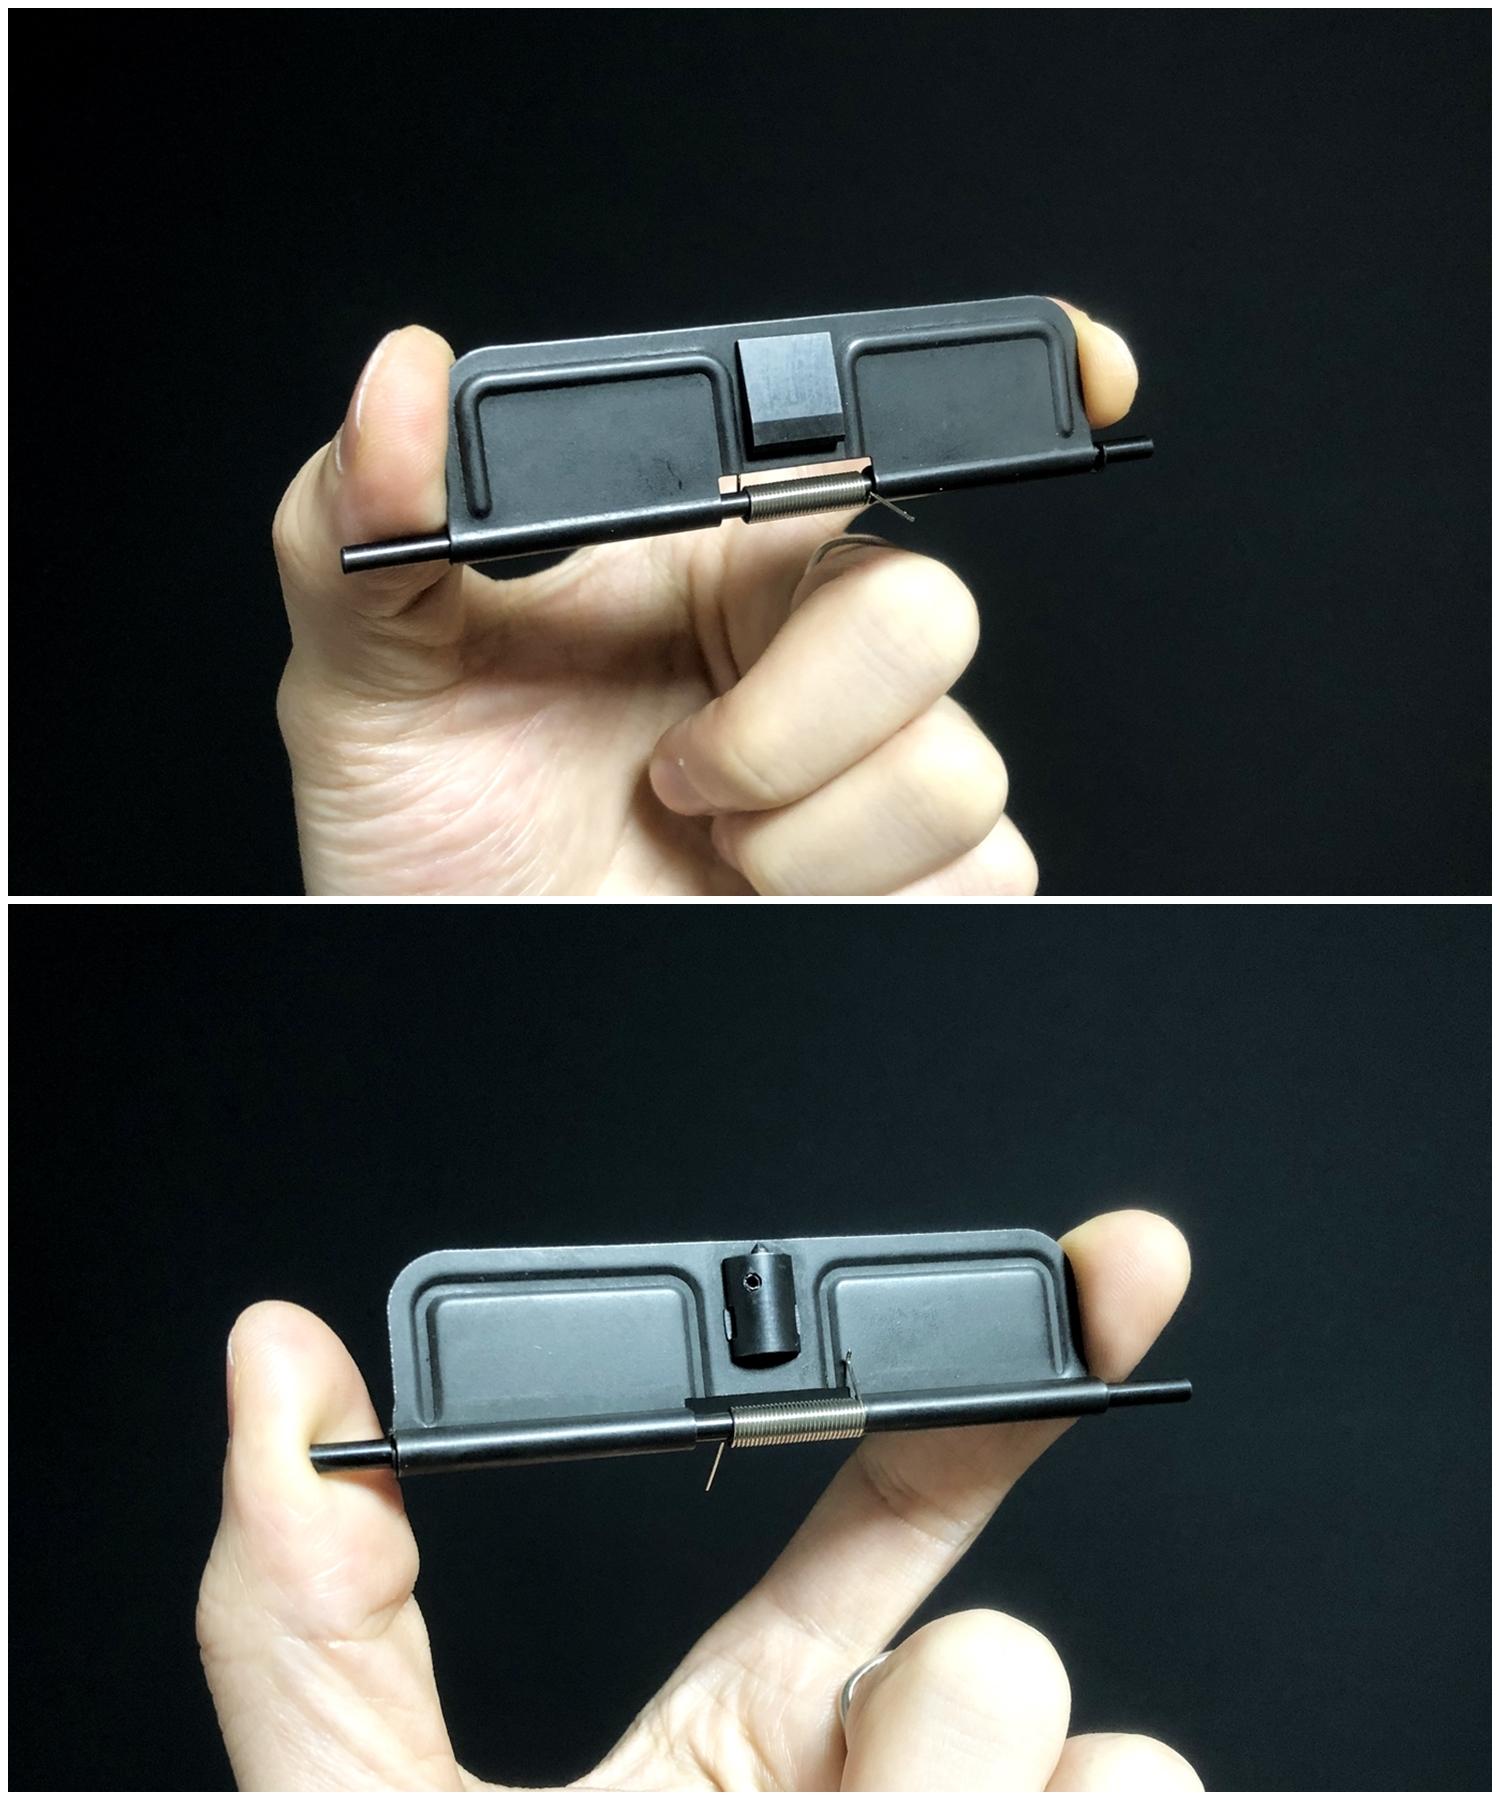 9『実物』 vs 『レプリカ』 ダストカバー & ガスチューブ を考える!! 次世代 M4 CQB-R アッパーフレーム ポートカバー カスタム 検証 取付 レビュー!!